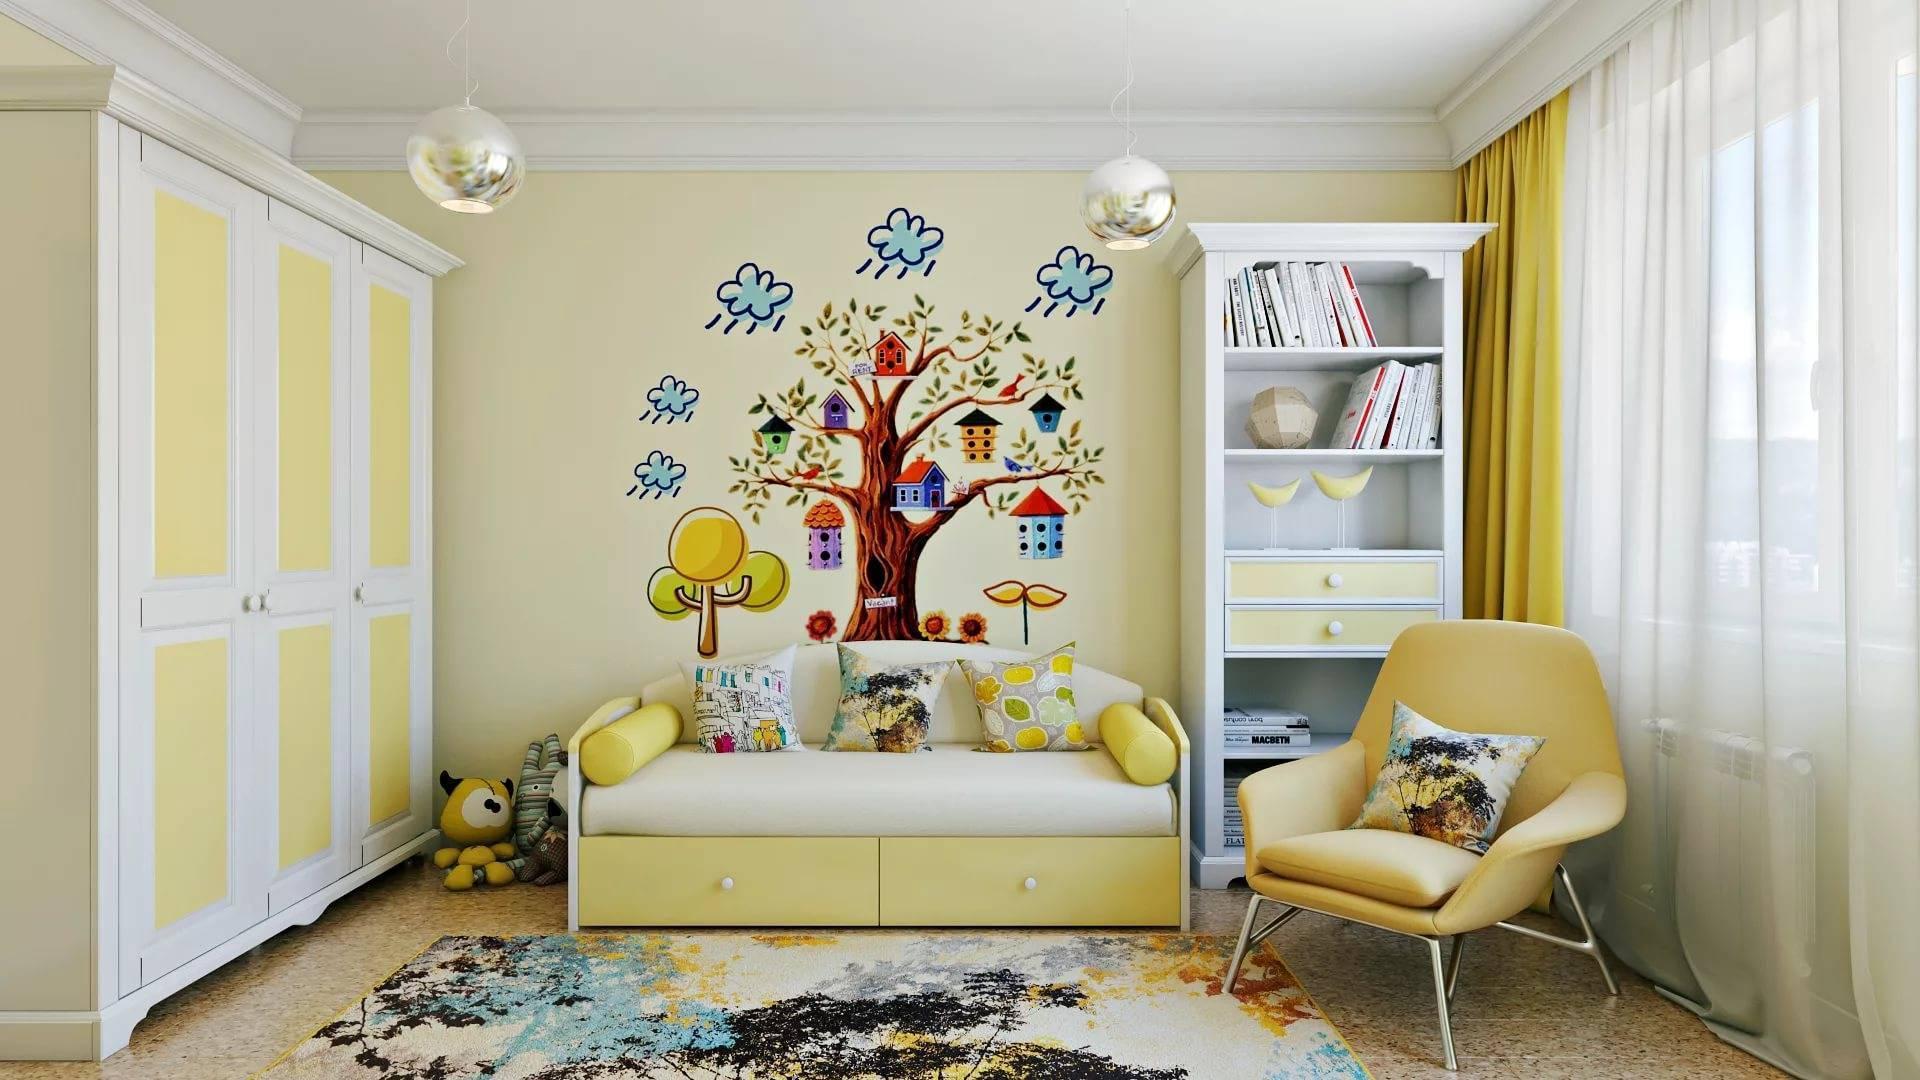 Продуманный дизайн и декорирование детской комнаты на два ребенка